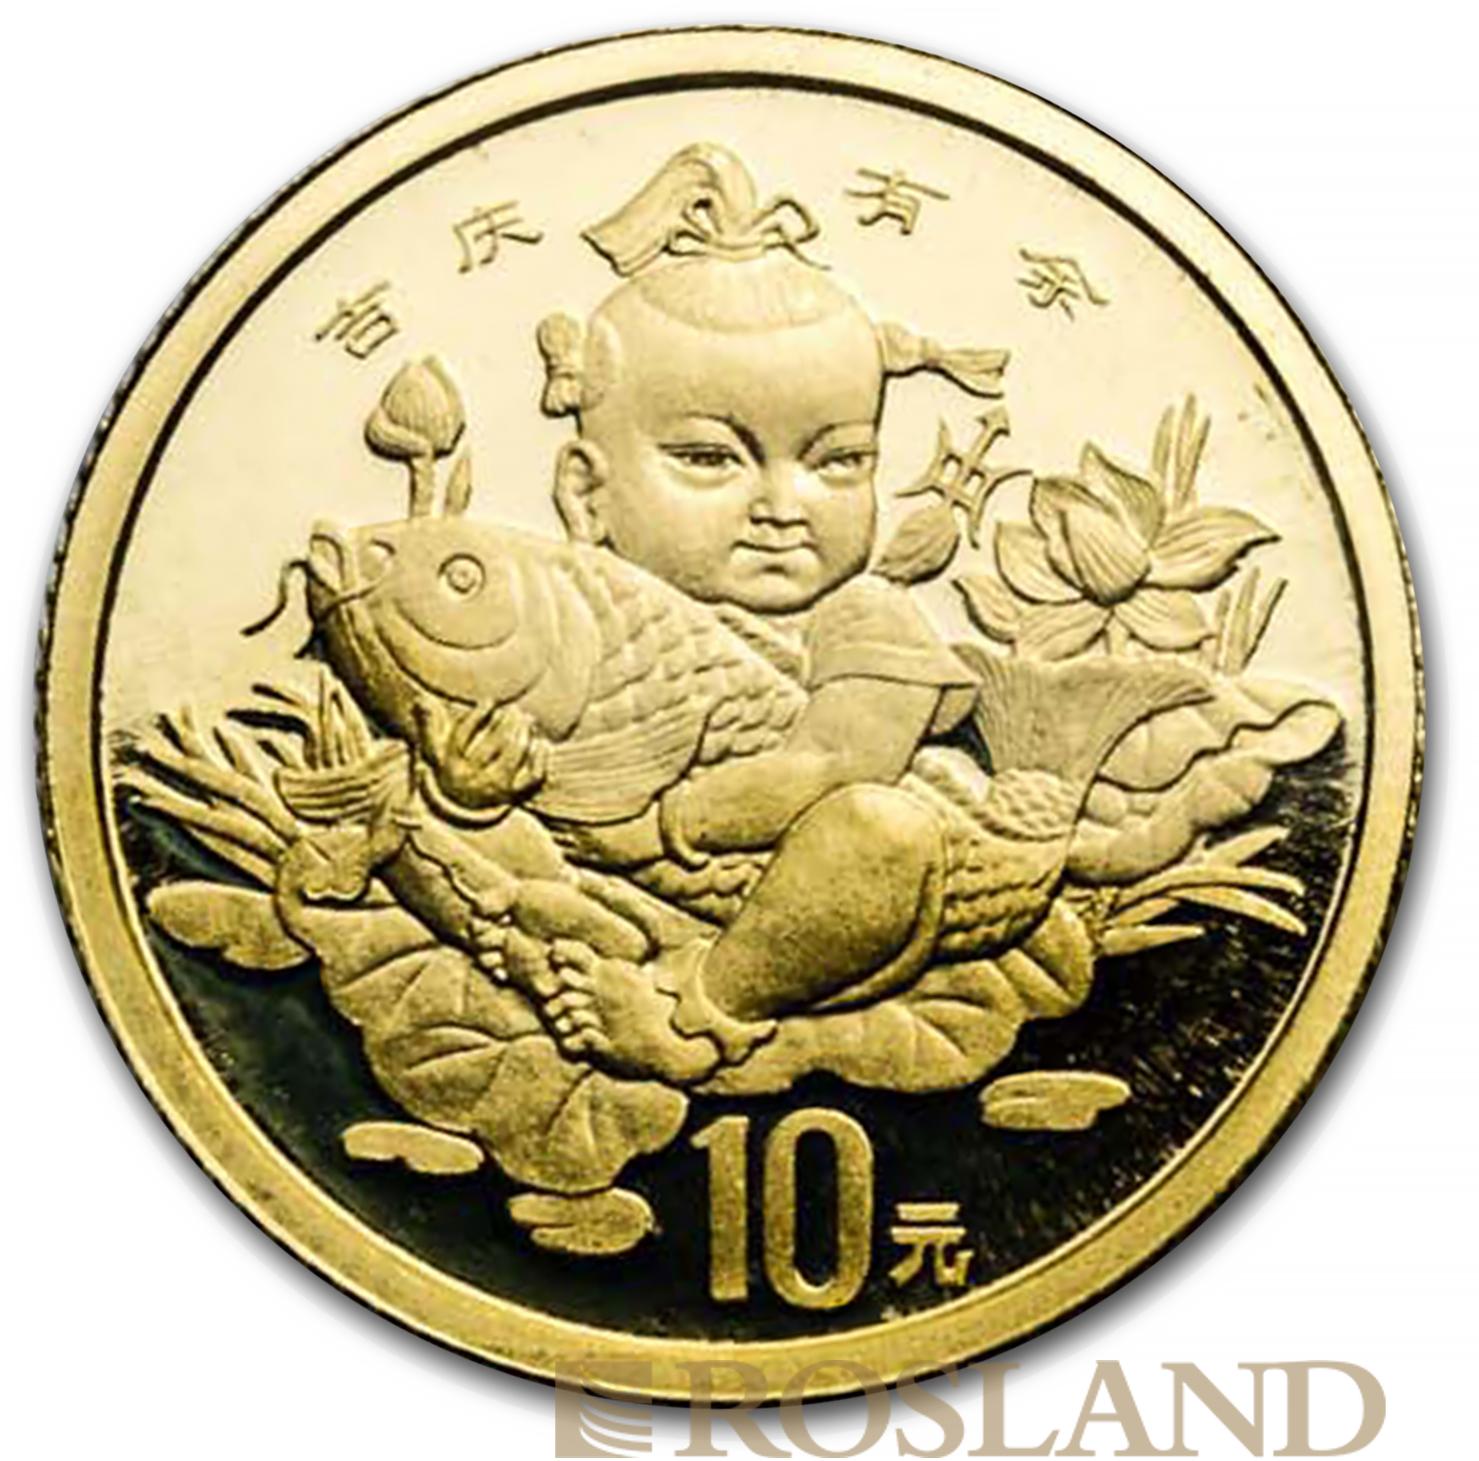 1/10 Goldmünze China Auspicious Matters 1997